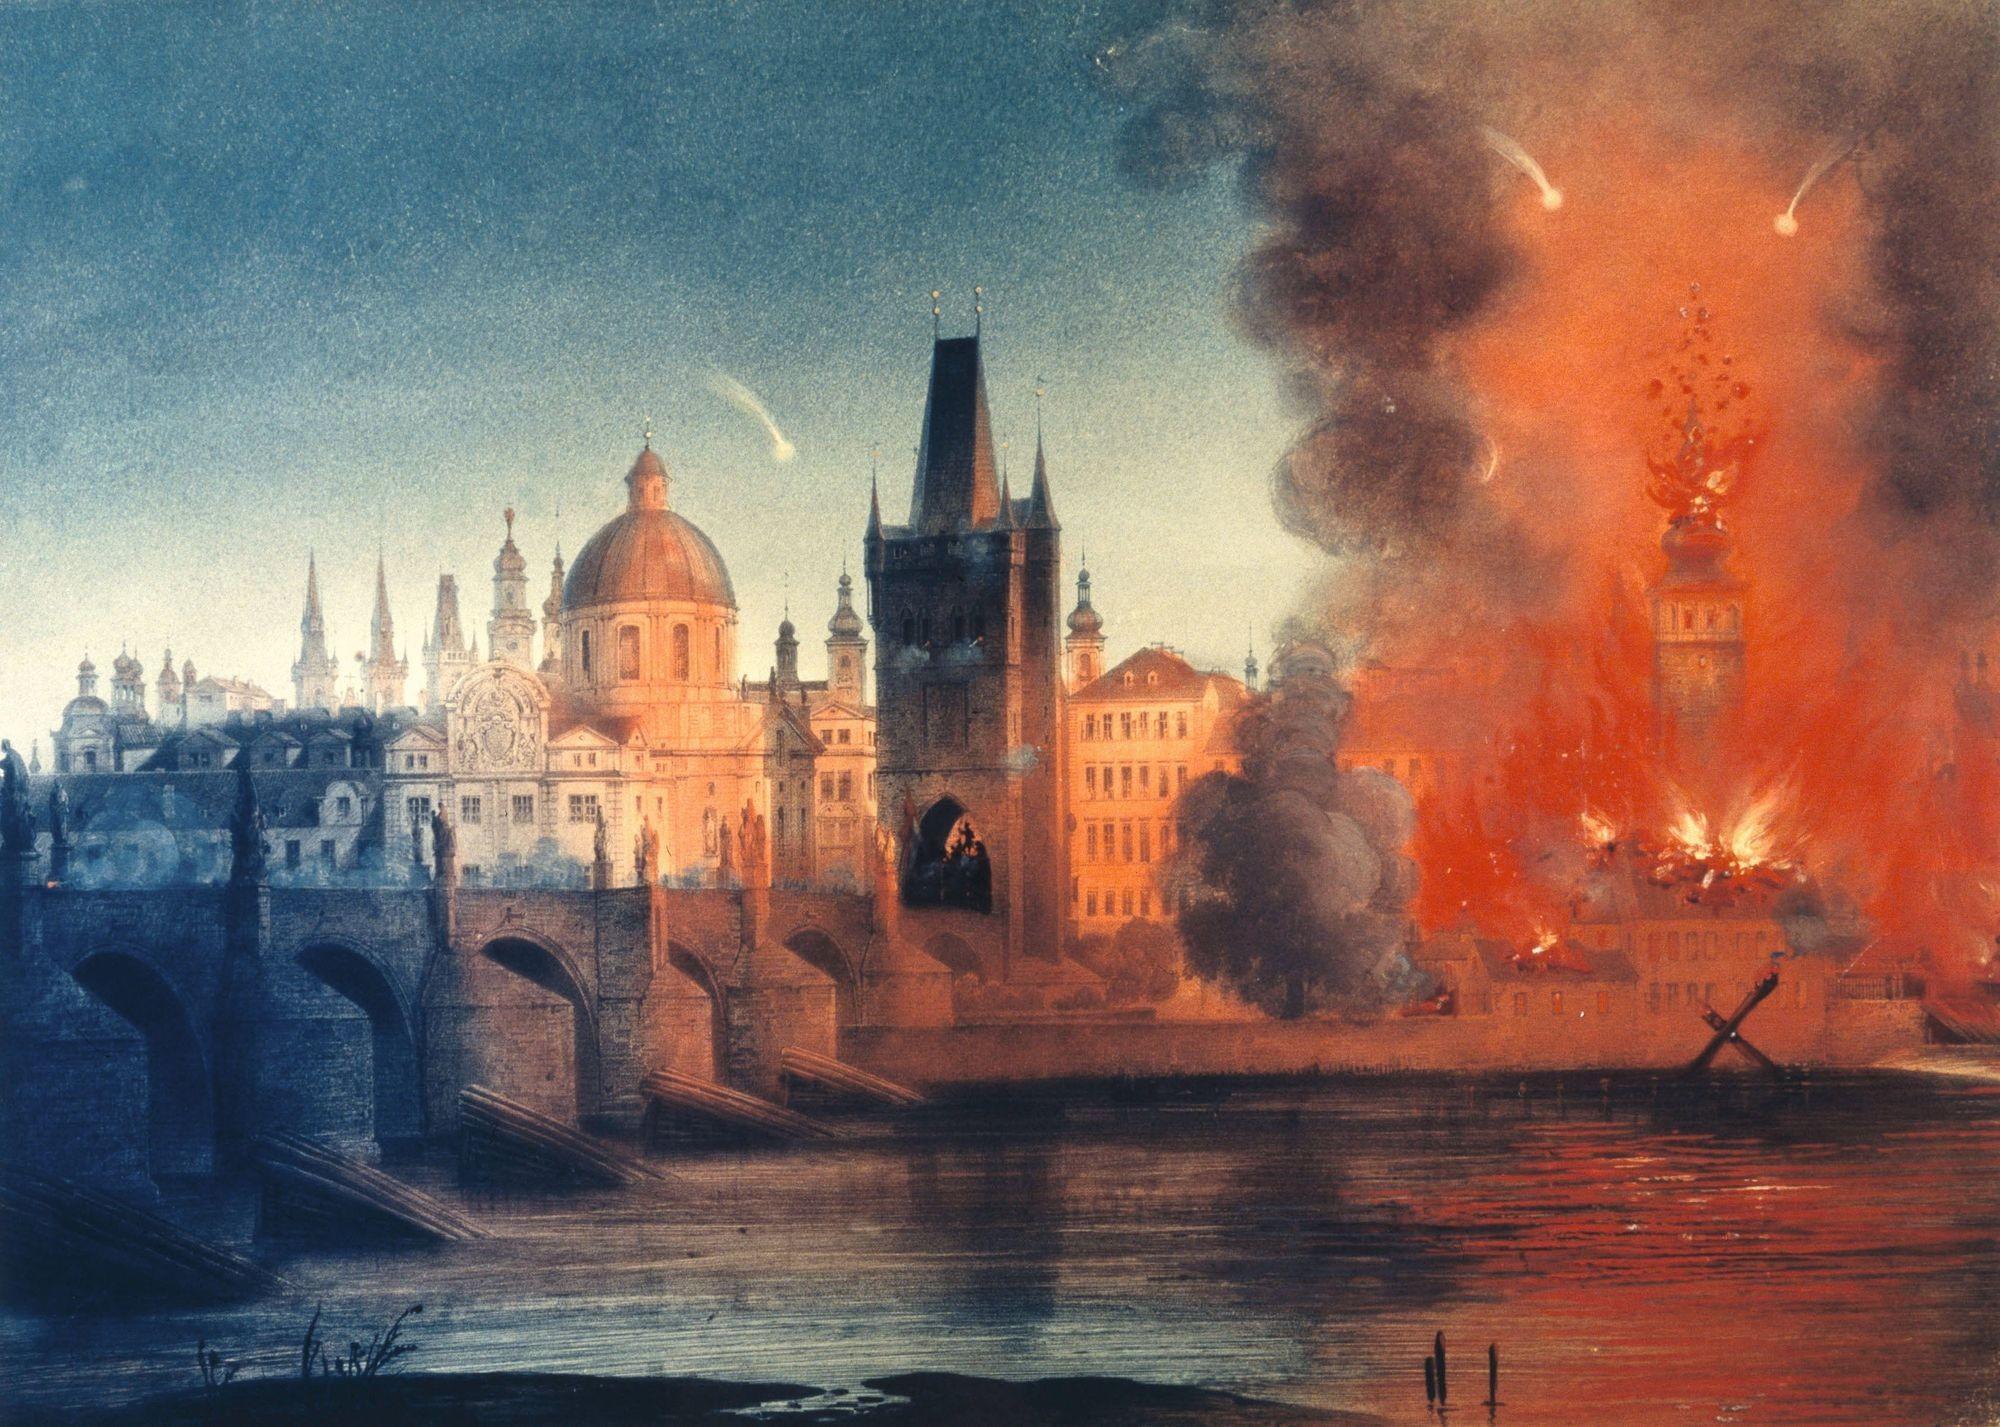 Bombardement de Prague, 1848, lithographie, 33,6 x 45,8 cm, Wien Museum, Vienne.